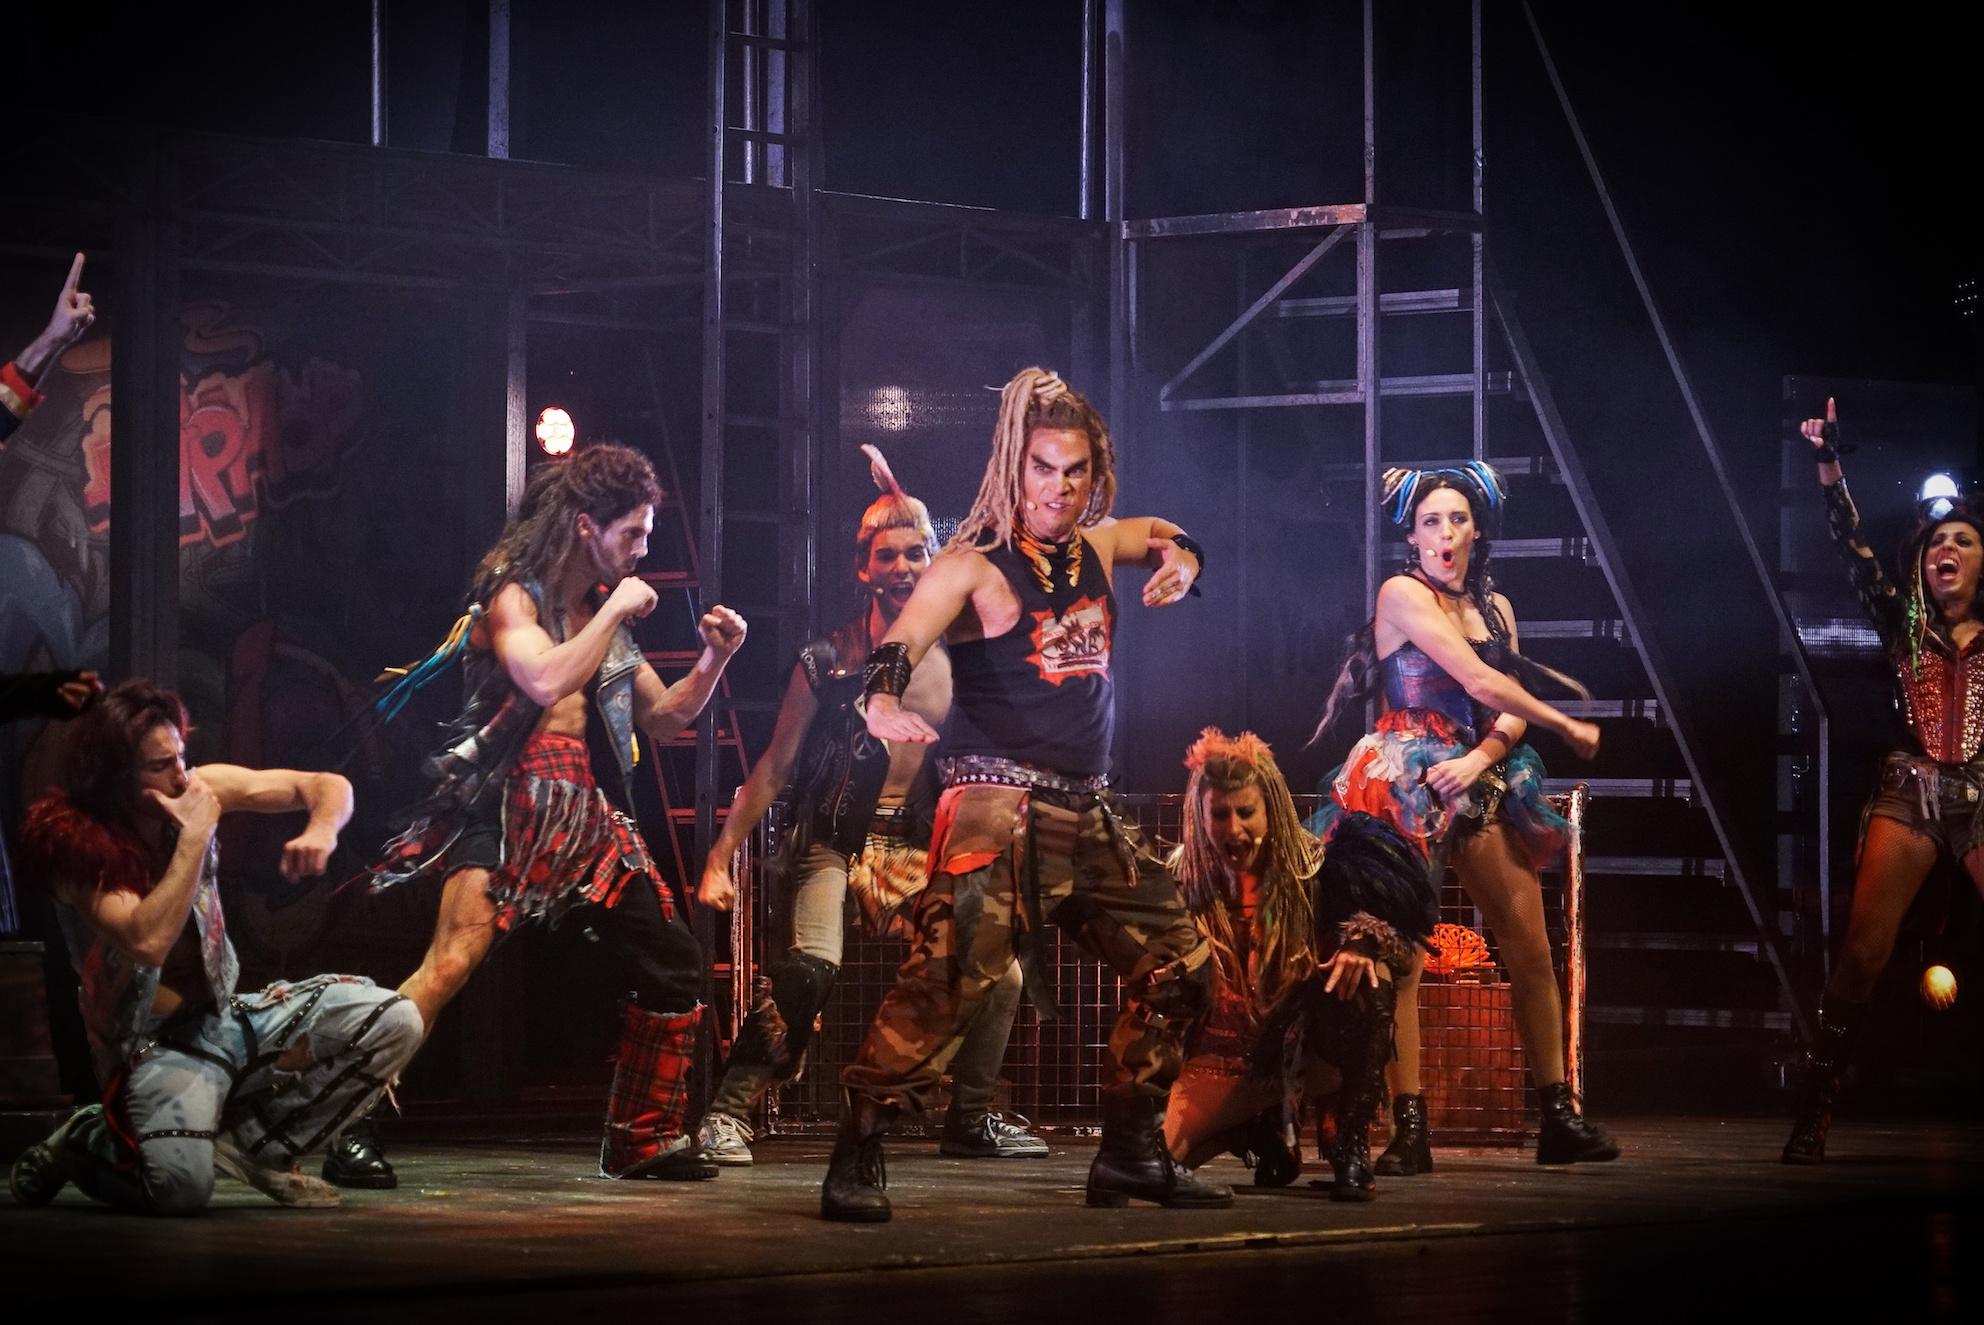 Teatro Brancaccio | WE WILL ROCK YOU dal 28 gennaio al 2 febbraio